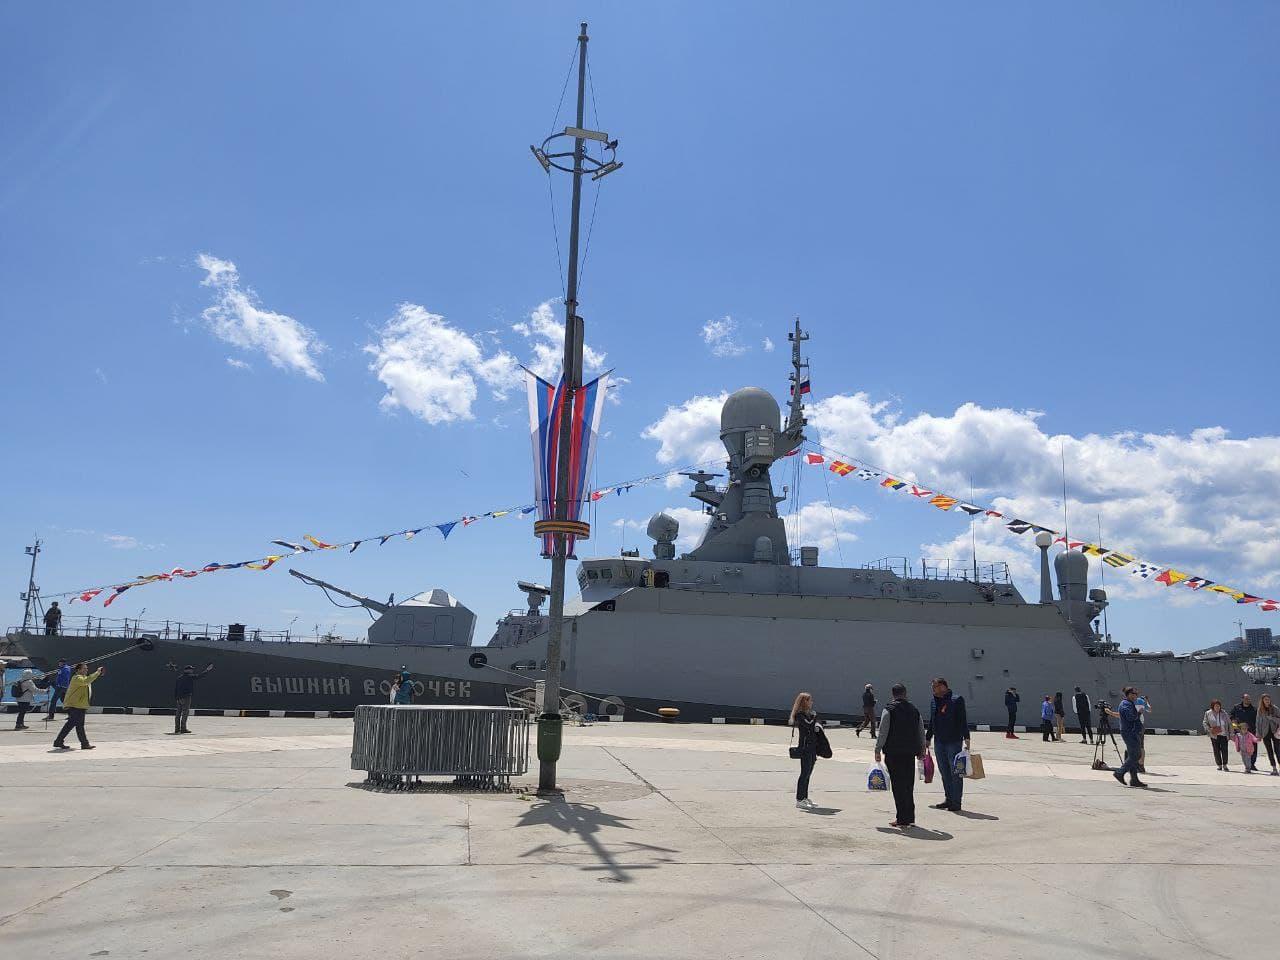 В Ялте проводят экскурсию для крымчан на боевом корабле «Вышний Волочёк»